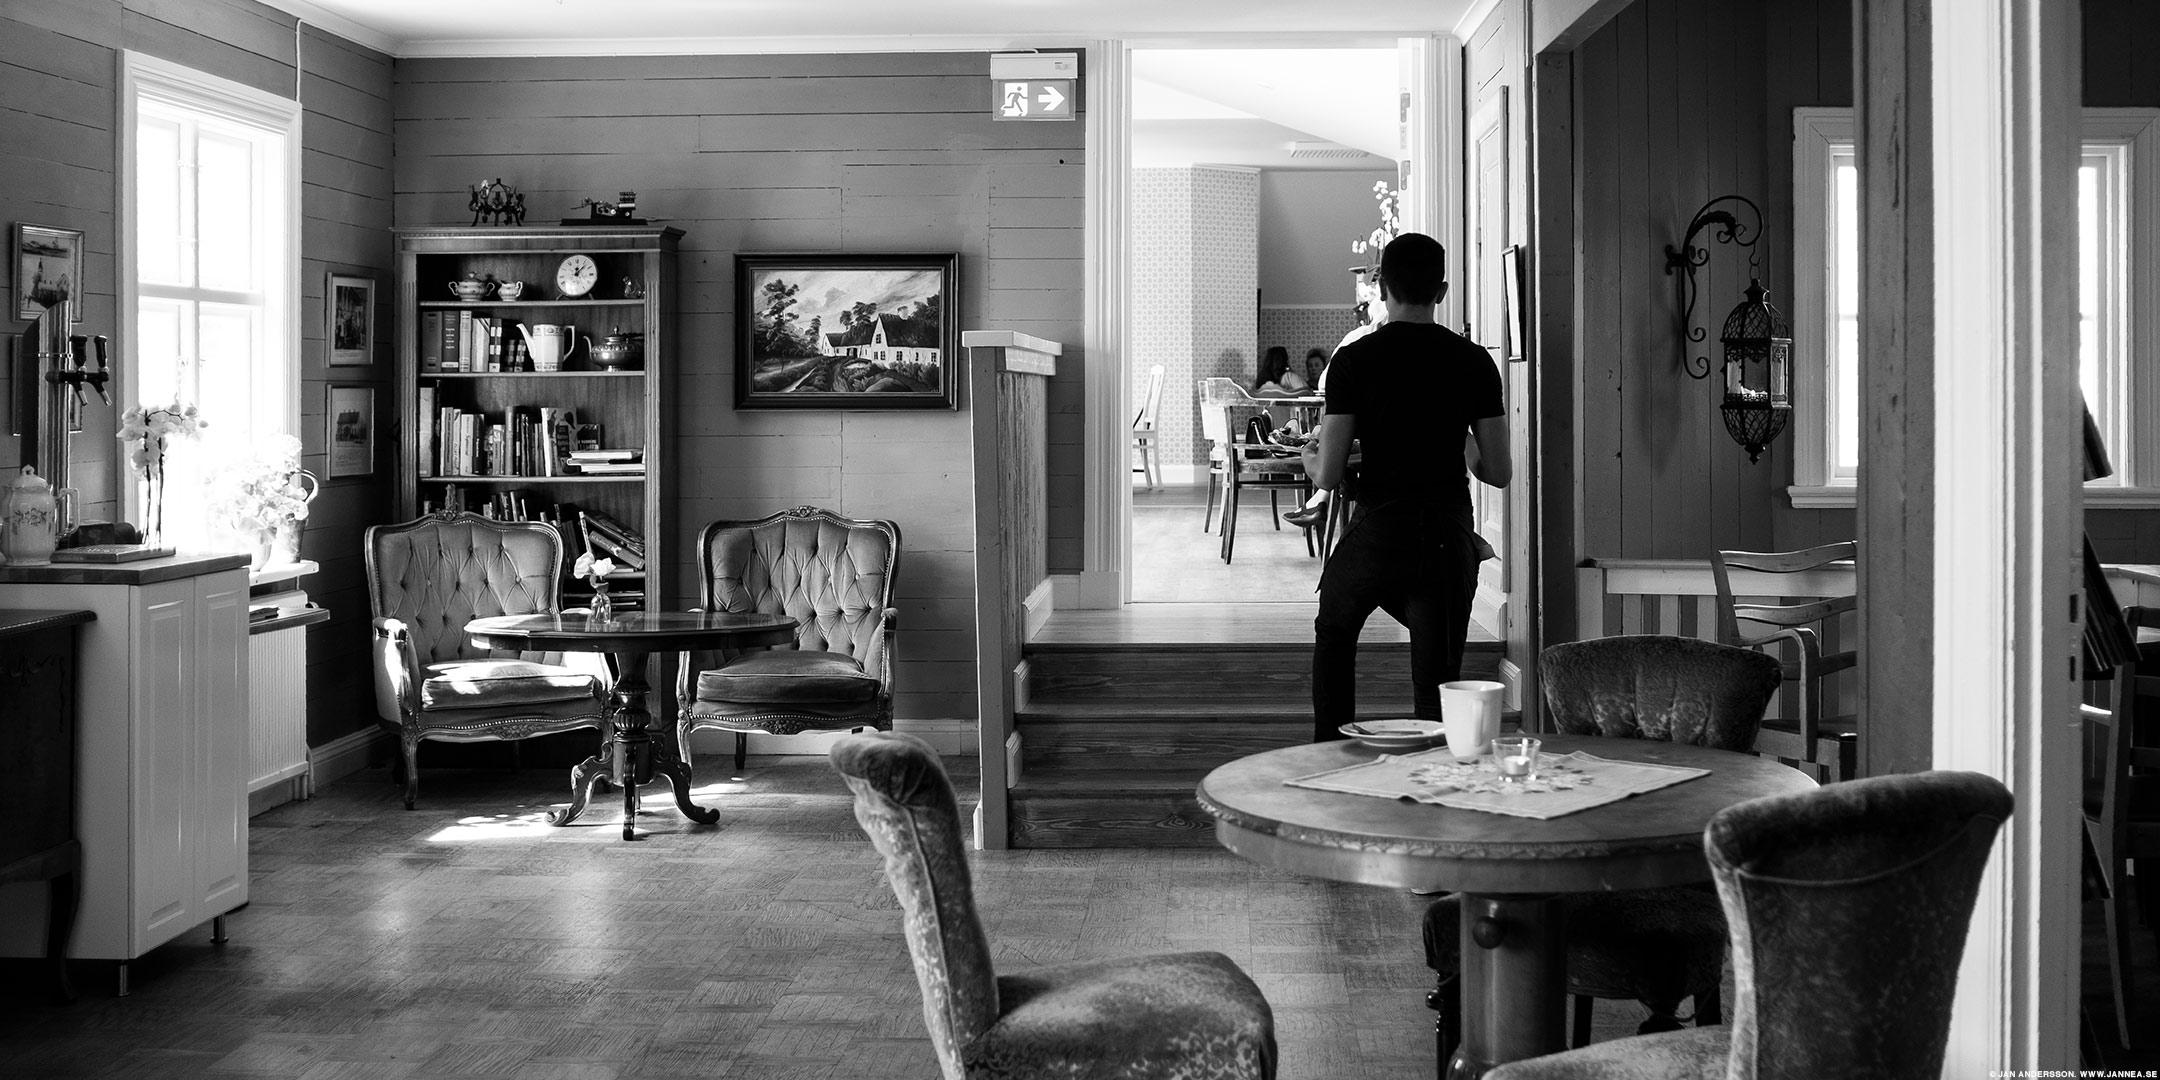 En kaffe på Väderstad Centralkonditori |© Jan Andersson